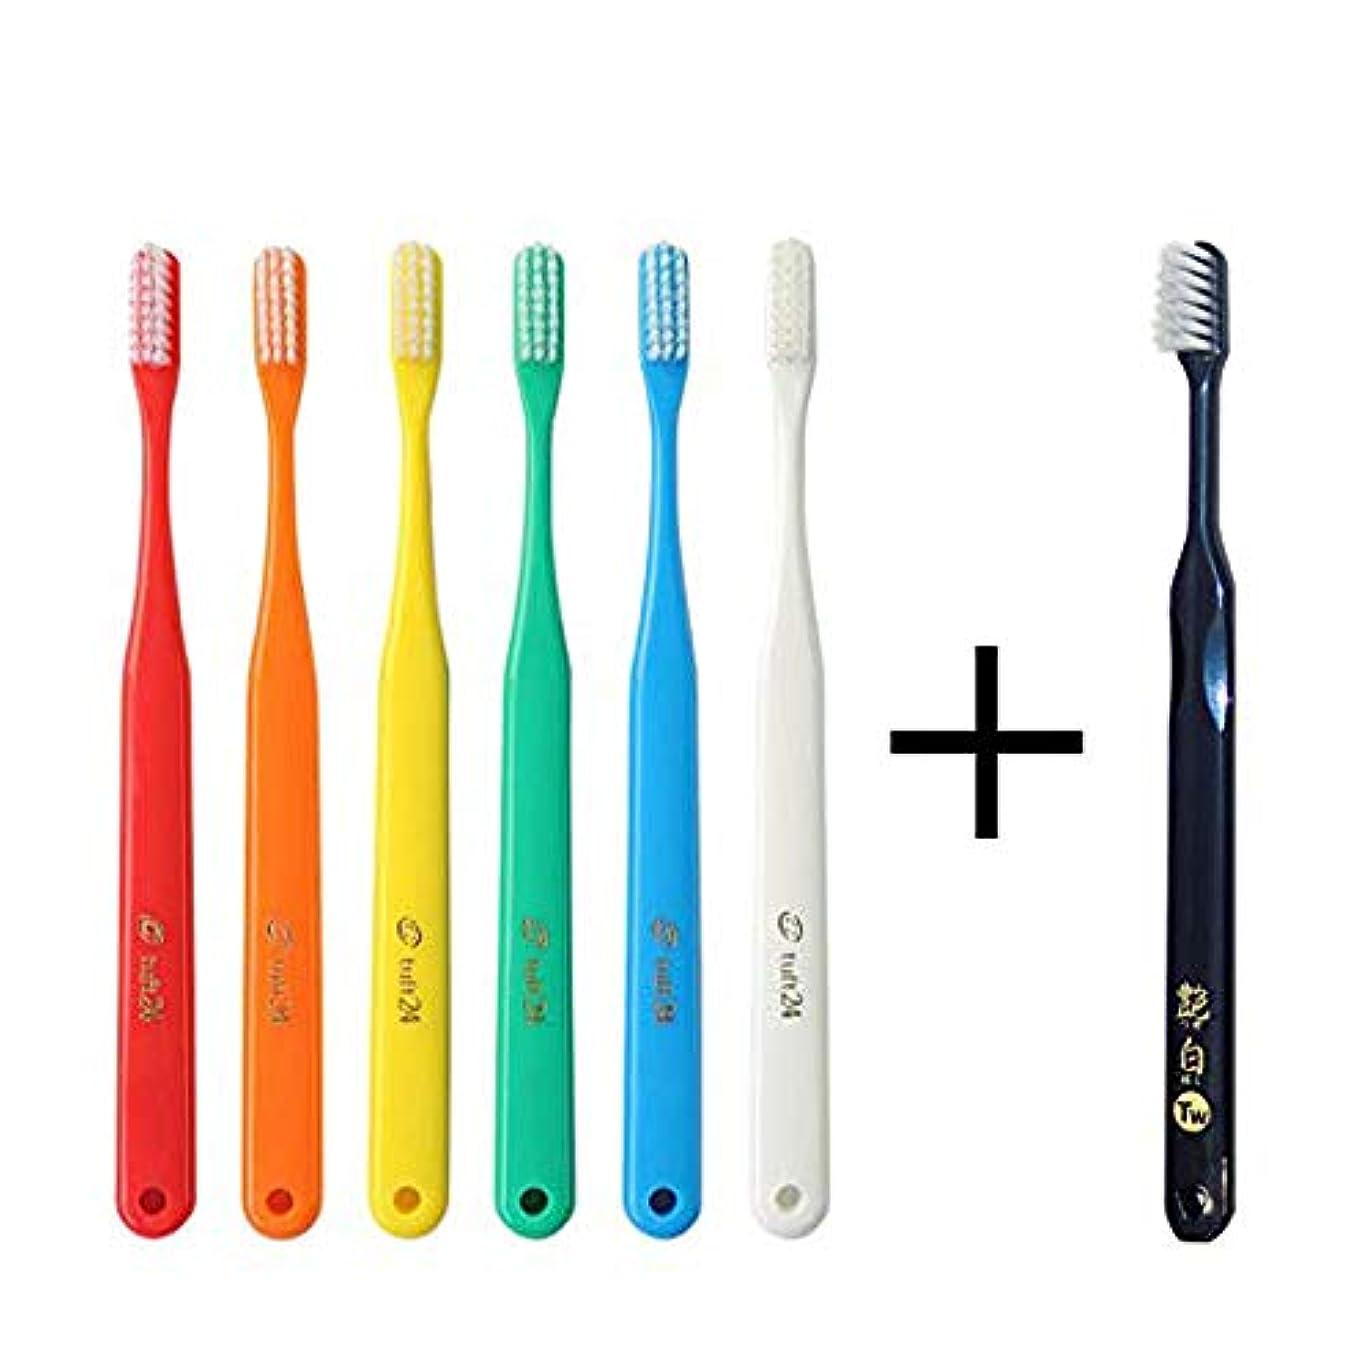 ライバルるカウントアップタフト24 歯ブラシ × 10本 (S) キャップなし + 艶白ツイン ハブラシ×1本(S やわらかめ) むし歯予防 歯科専売